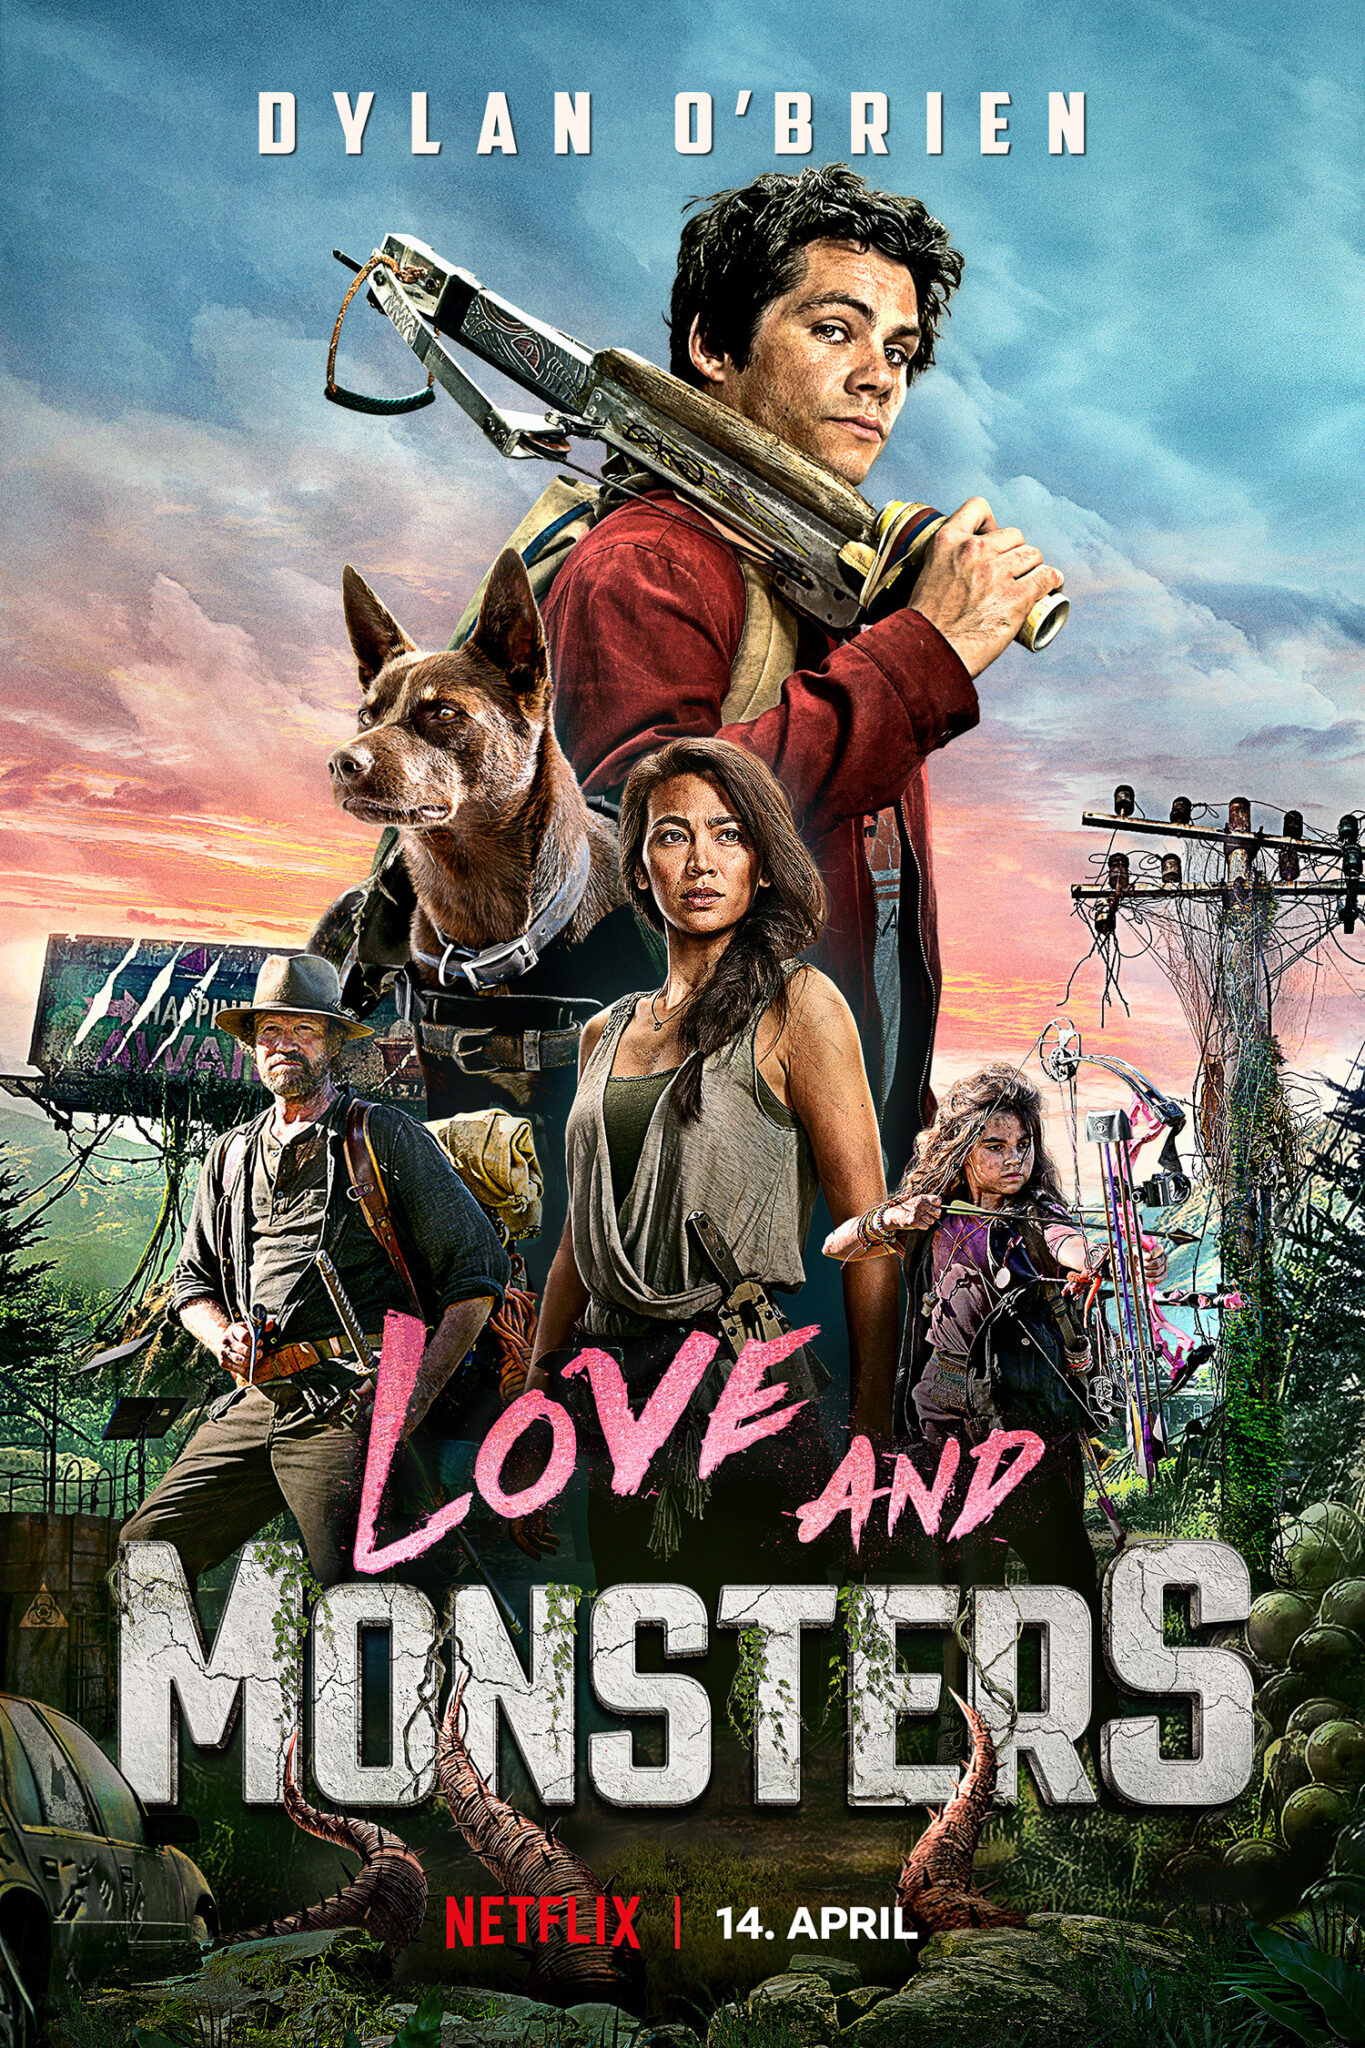 Auf dem Poster von Monster Problems steht der alternative Titel Love and Monsters. Außerdem sieht man die Hauptfiguren: In groß Dylan O'Brien, darunter Jessica Henwick, Michael Rooker, Ariana Greenblatt und ein brauner Hund.